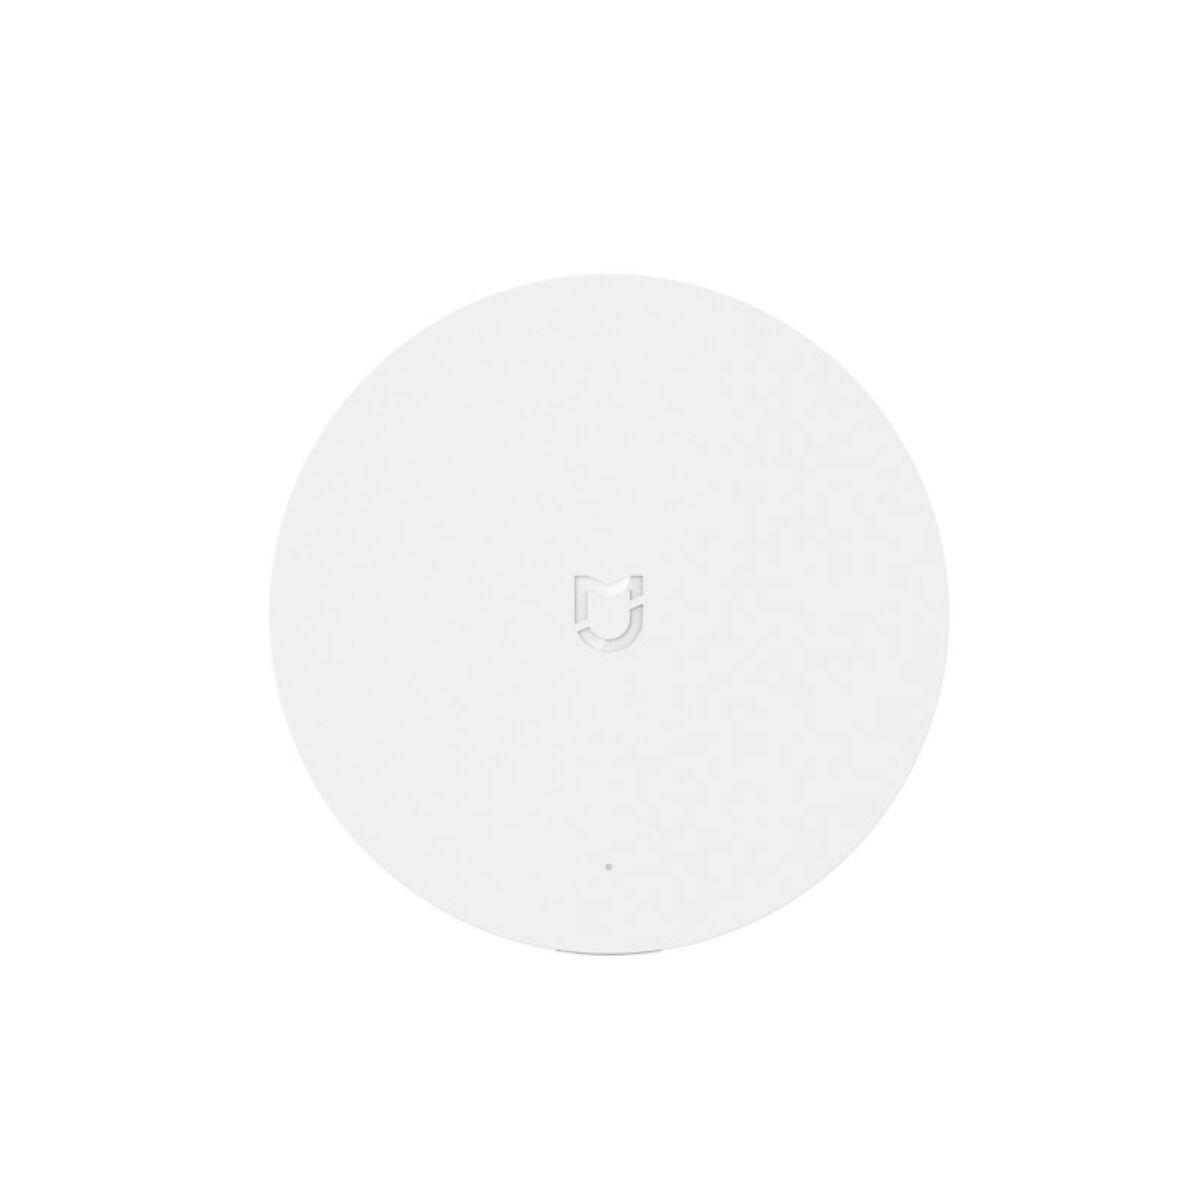 Xiaomi Mi Smart Home Hub, fehér EU